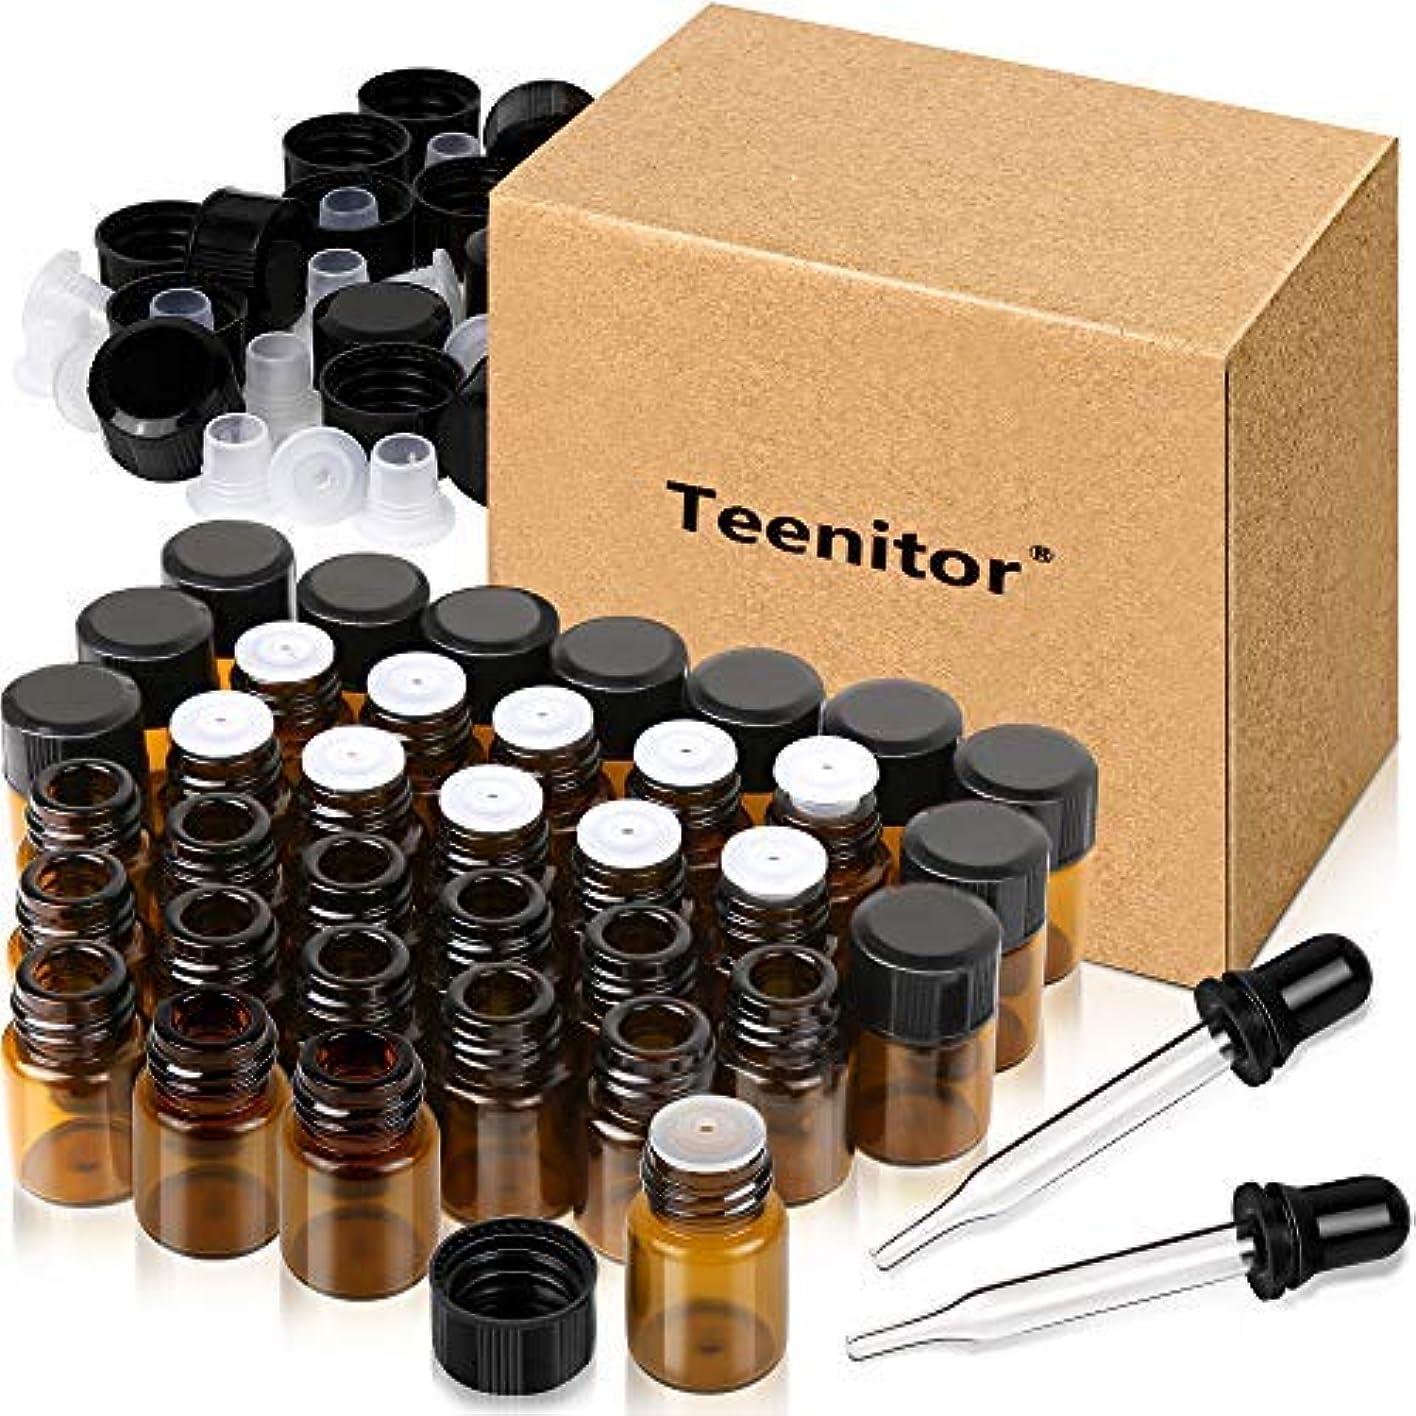 ベアリングサークルフォーラムマントOil Bottles for Essential Oils, Teenitor 36 Pcs 2 ml (5/8 Dram) Amber Glass Vials Bottles, with Orifice Reducers...